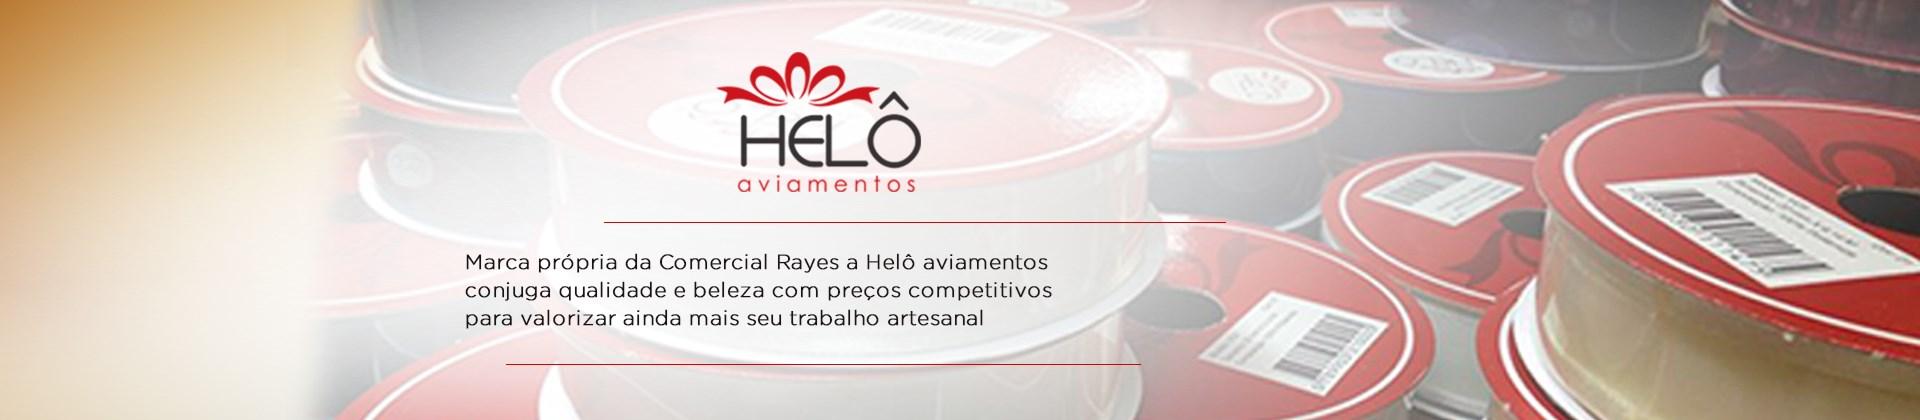 A Helô aviamentos conjuga qualidade e beleza com preços competitivos para valorizar ainda mais seu trabalho artesanal.